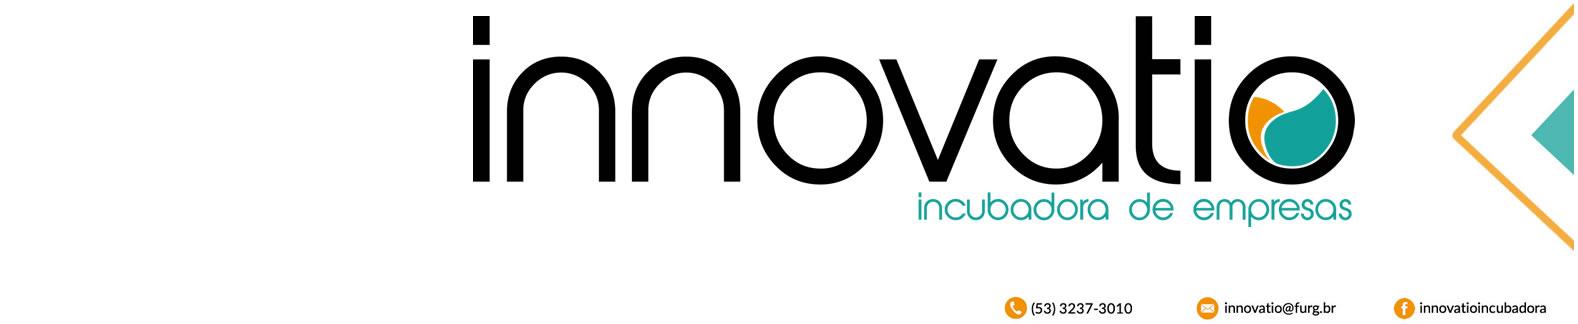 Innovatio Incubadora de Empresas